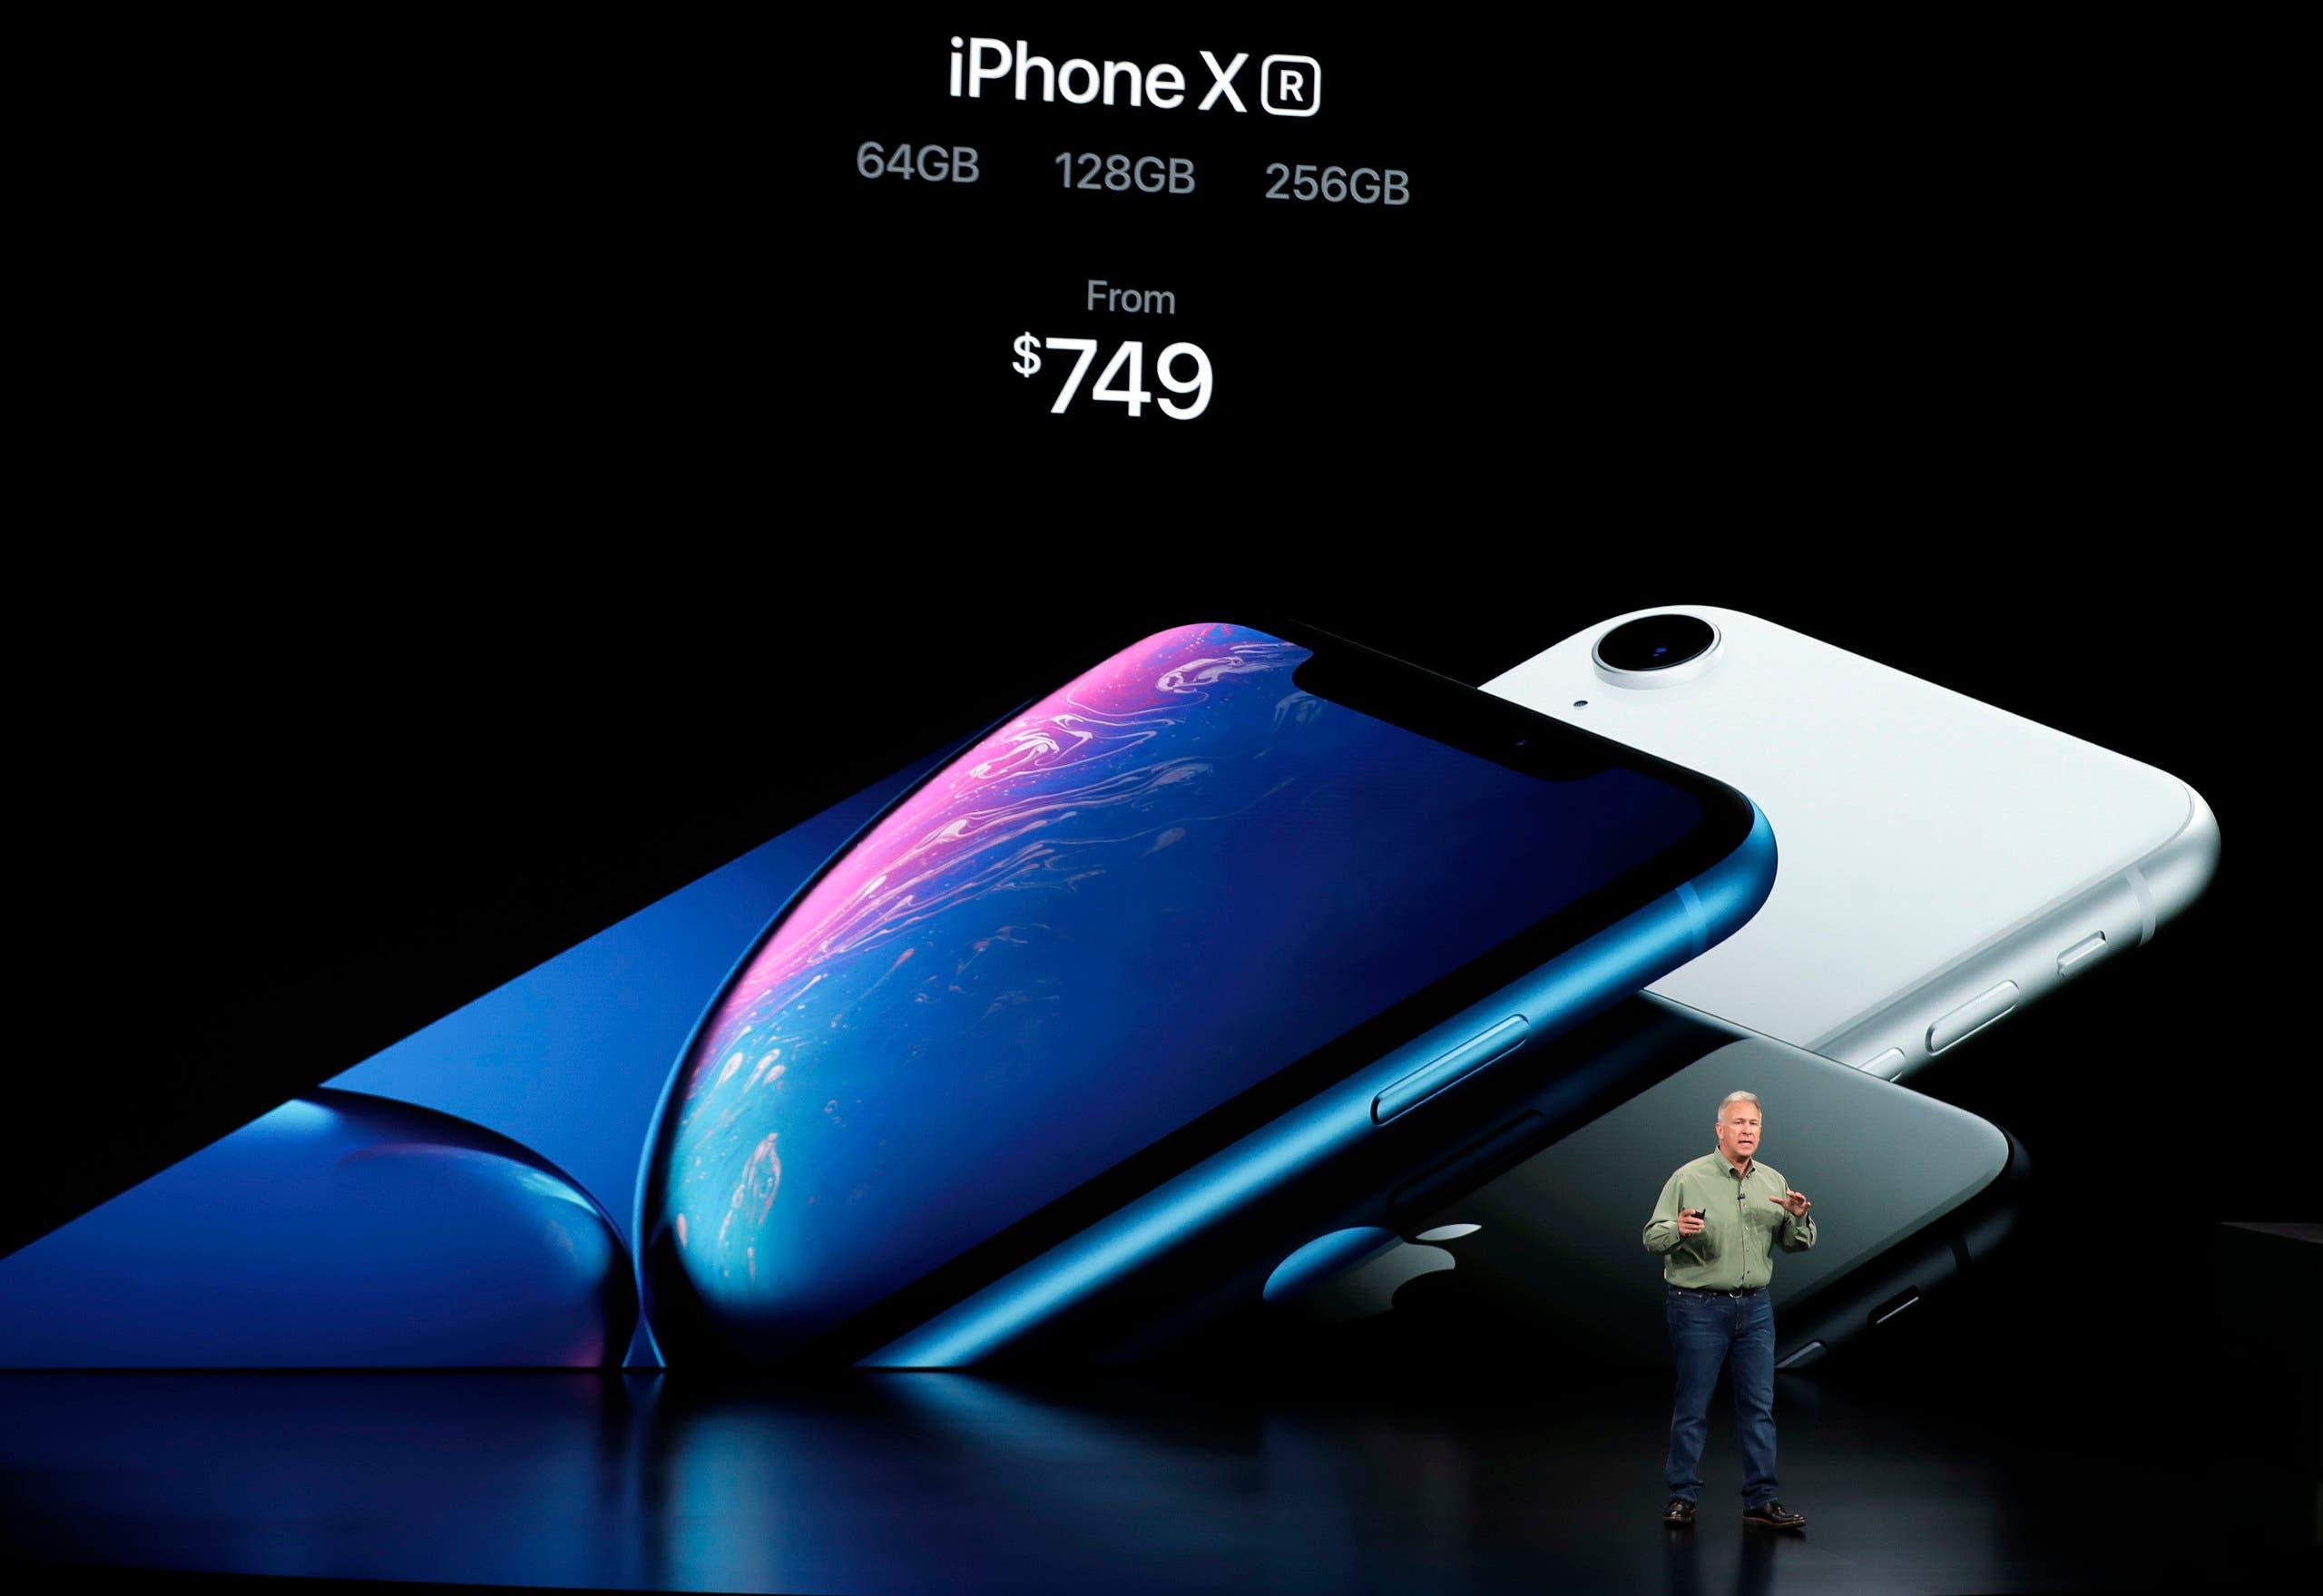 ce3f896f 26ab 4cc4 a005 b6a02310d3fe سعر ومواصفات هواتف ايفون الجديدة،XSg ,Xmaxg ,Xr